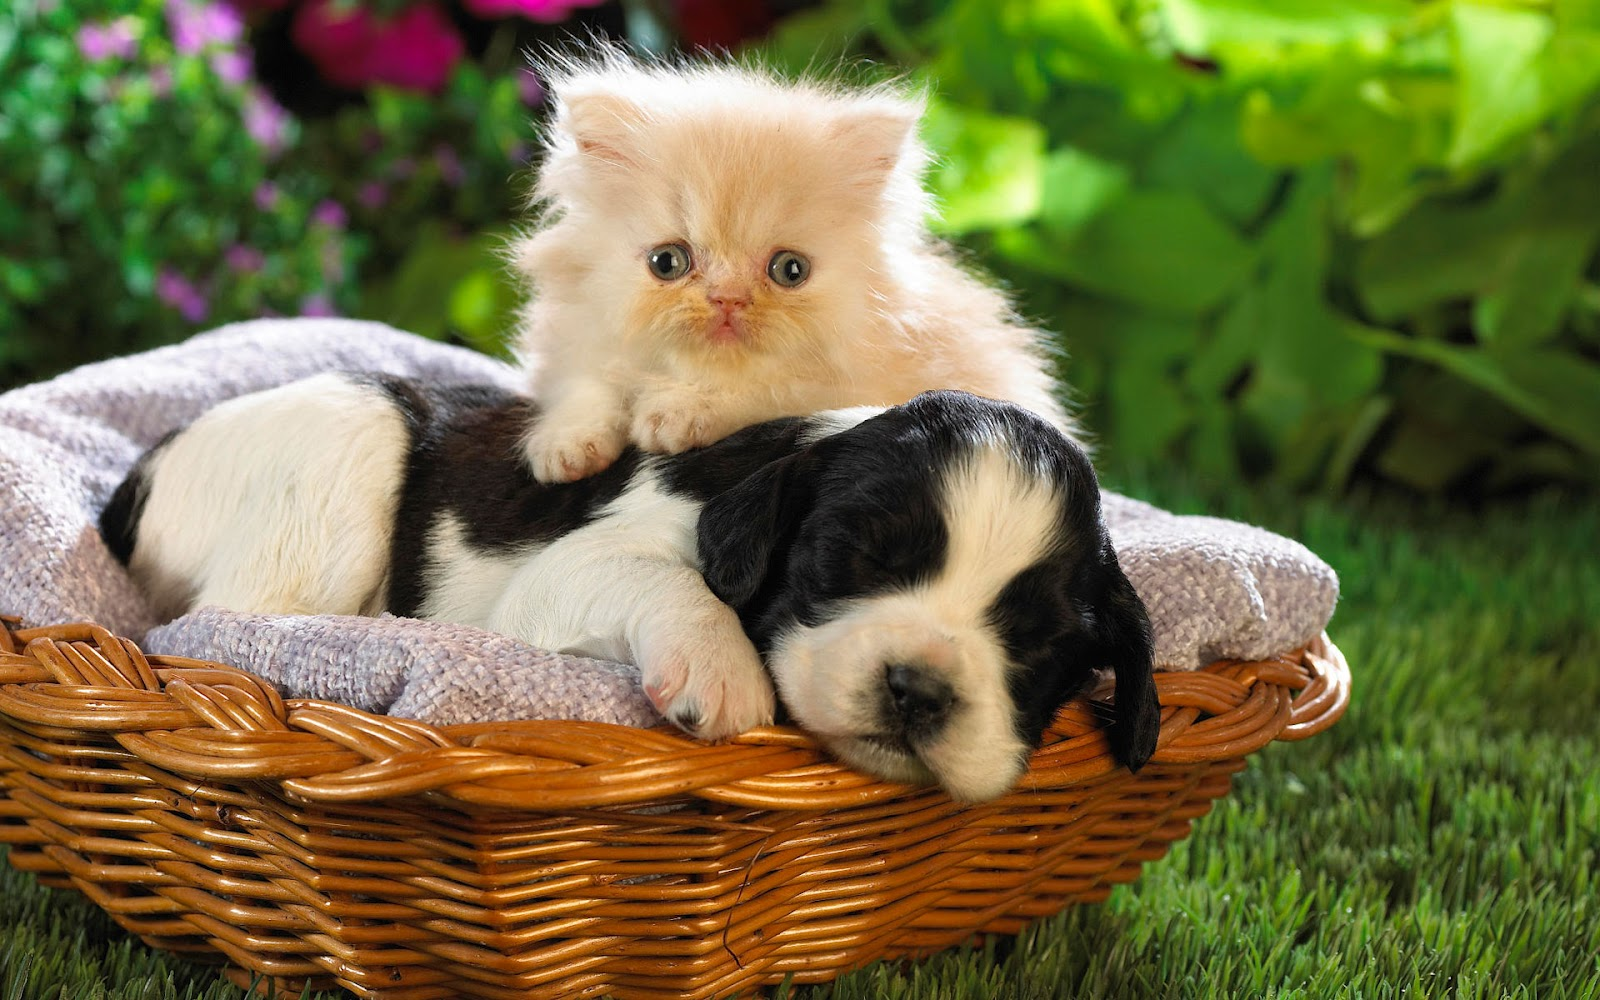 http://4.bp.blogspot.com/-bAyBZF2B-4U/T-f_Geii4CI/AAAAAAAACdM/aY-yrMFQAzA/s1600/Free+Animal+Wallpapers+%252817%2529.jpg